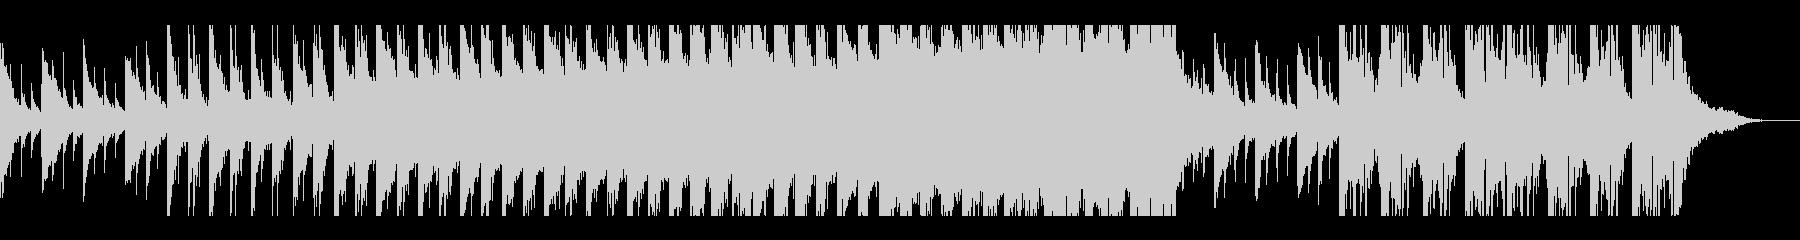 重厚なピアノでドラマティックに展開の未再生の波形